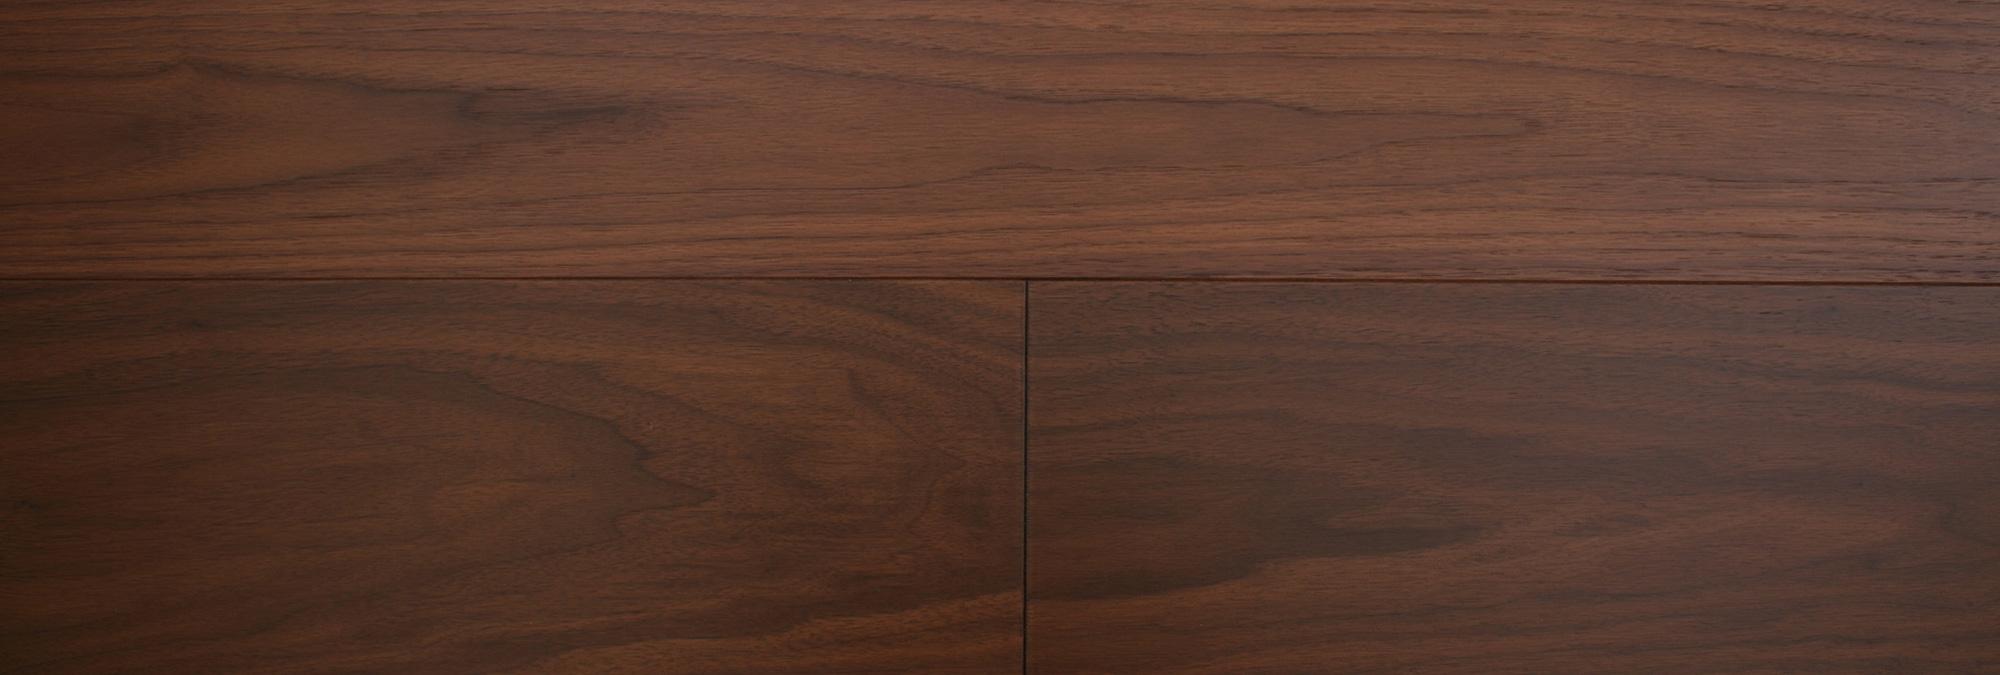 pavimenti in legno Noce Americano